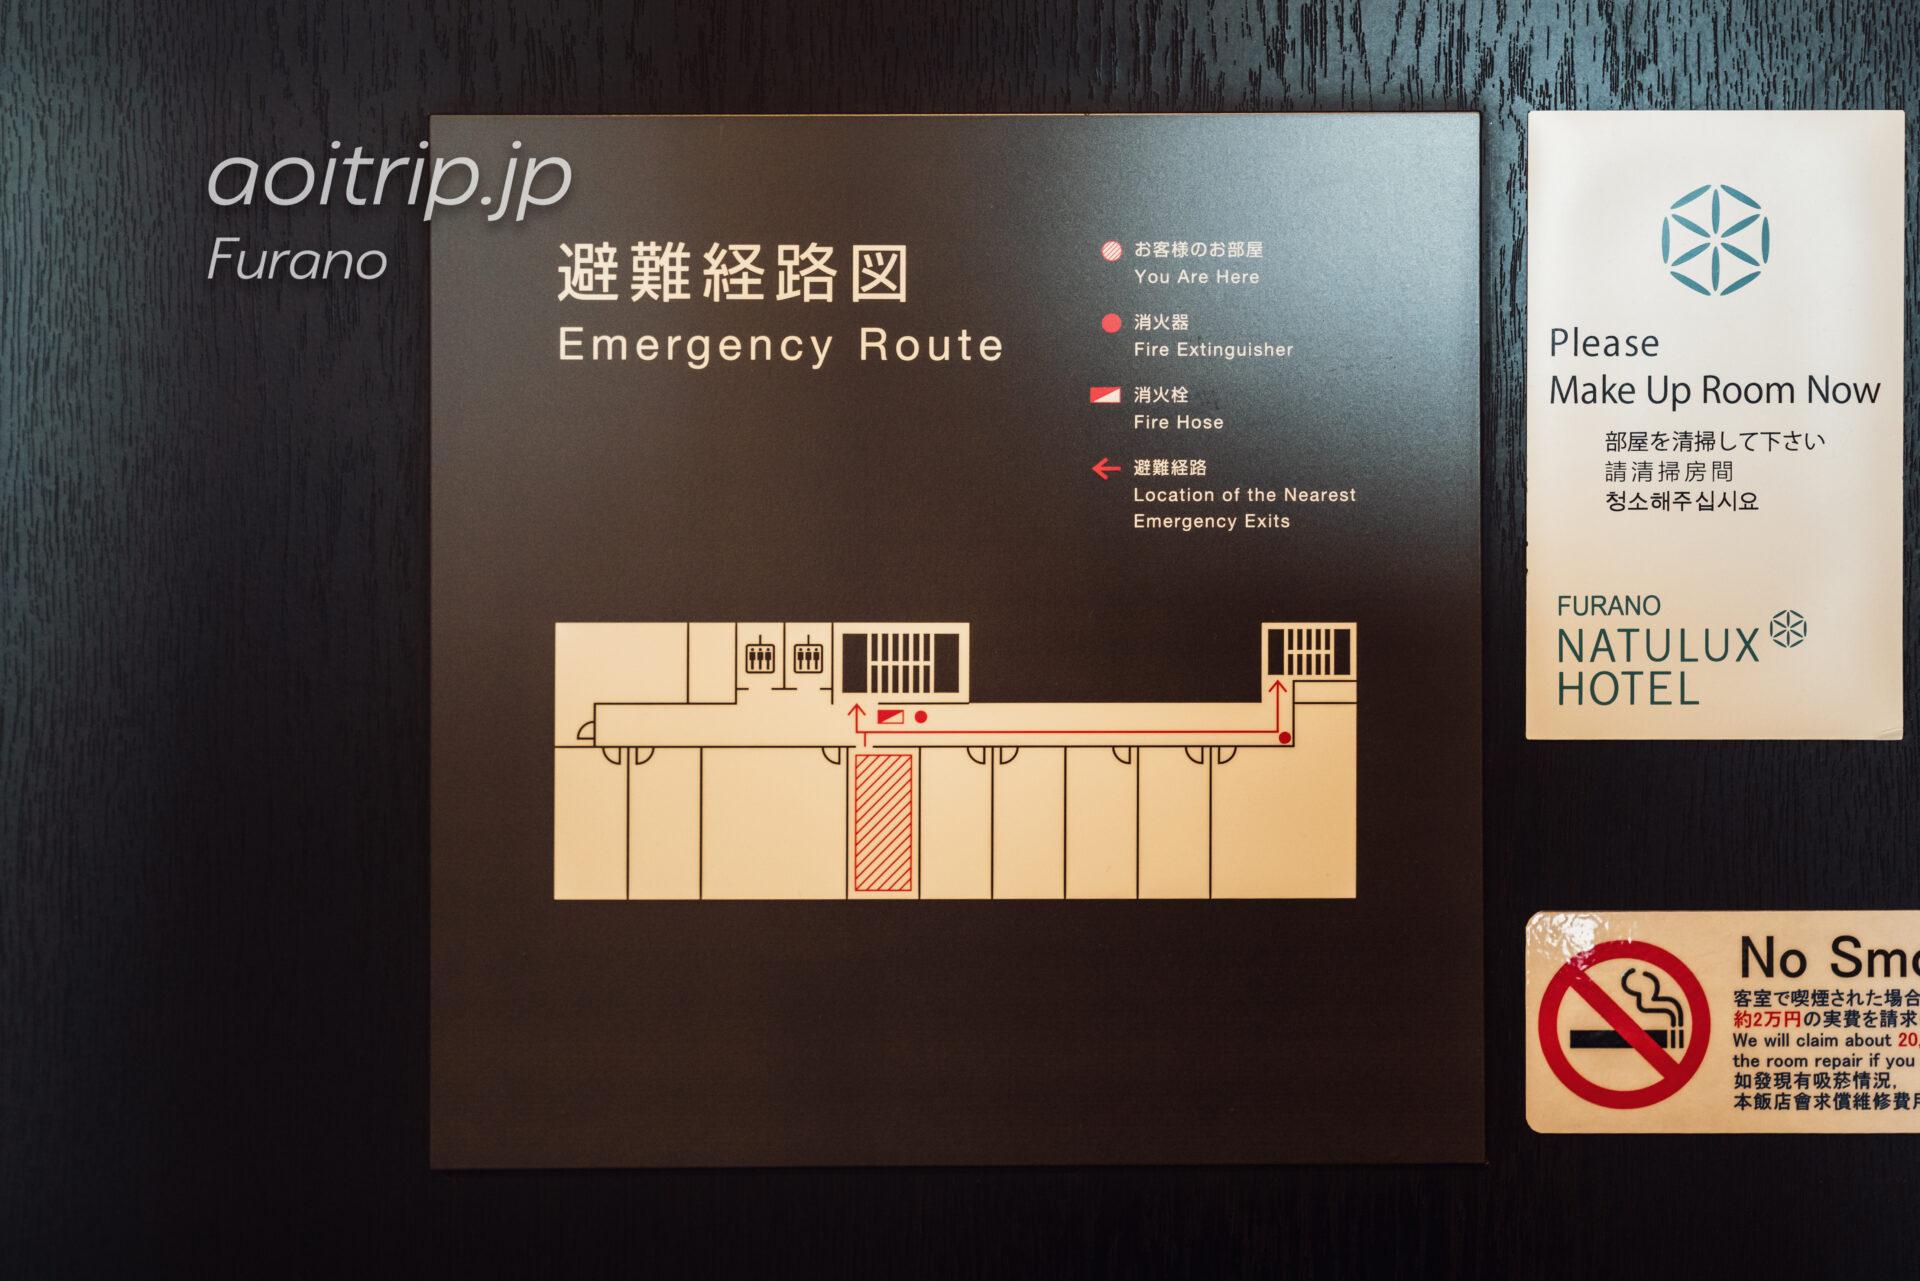 富良野ナチュラクスホテルのフロアマップ